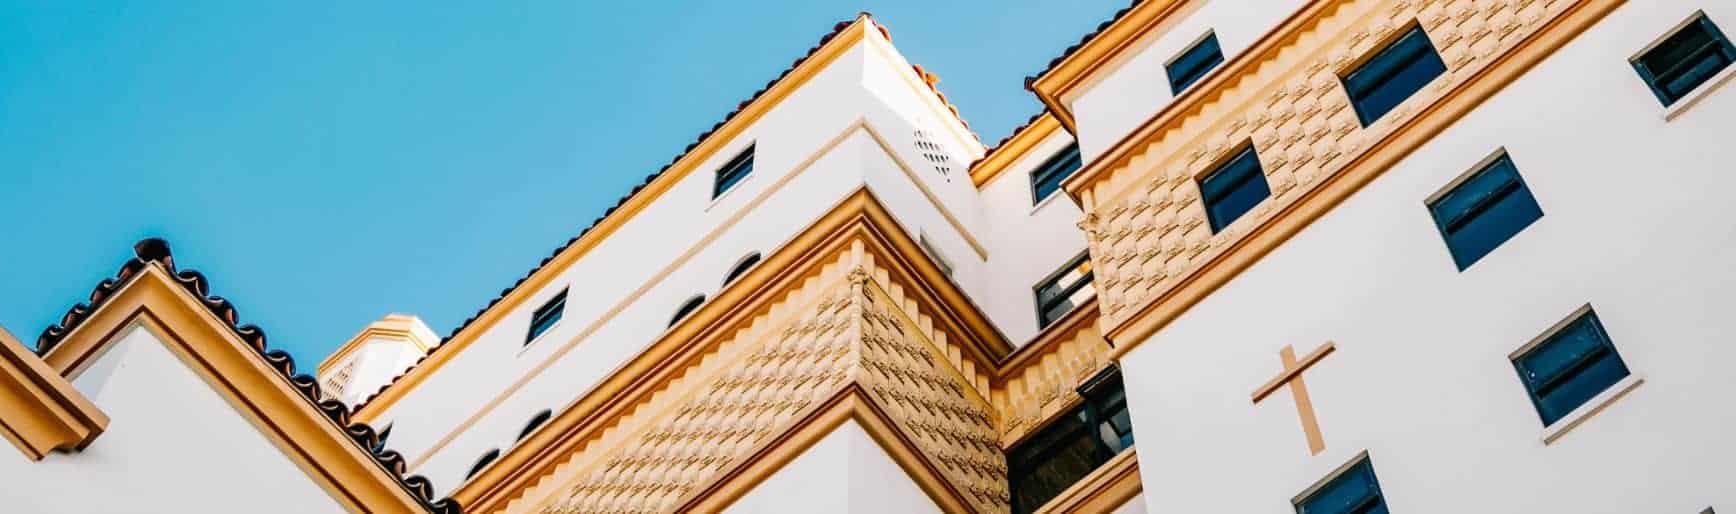 Datenbank Käufer Pflegeheim Altenheim Immobilien